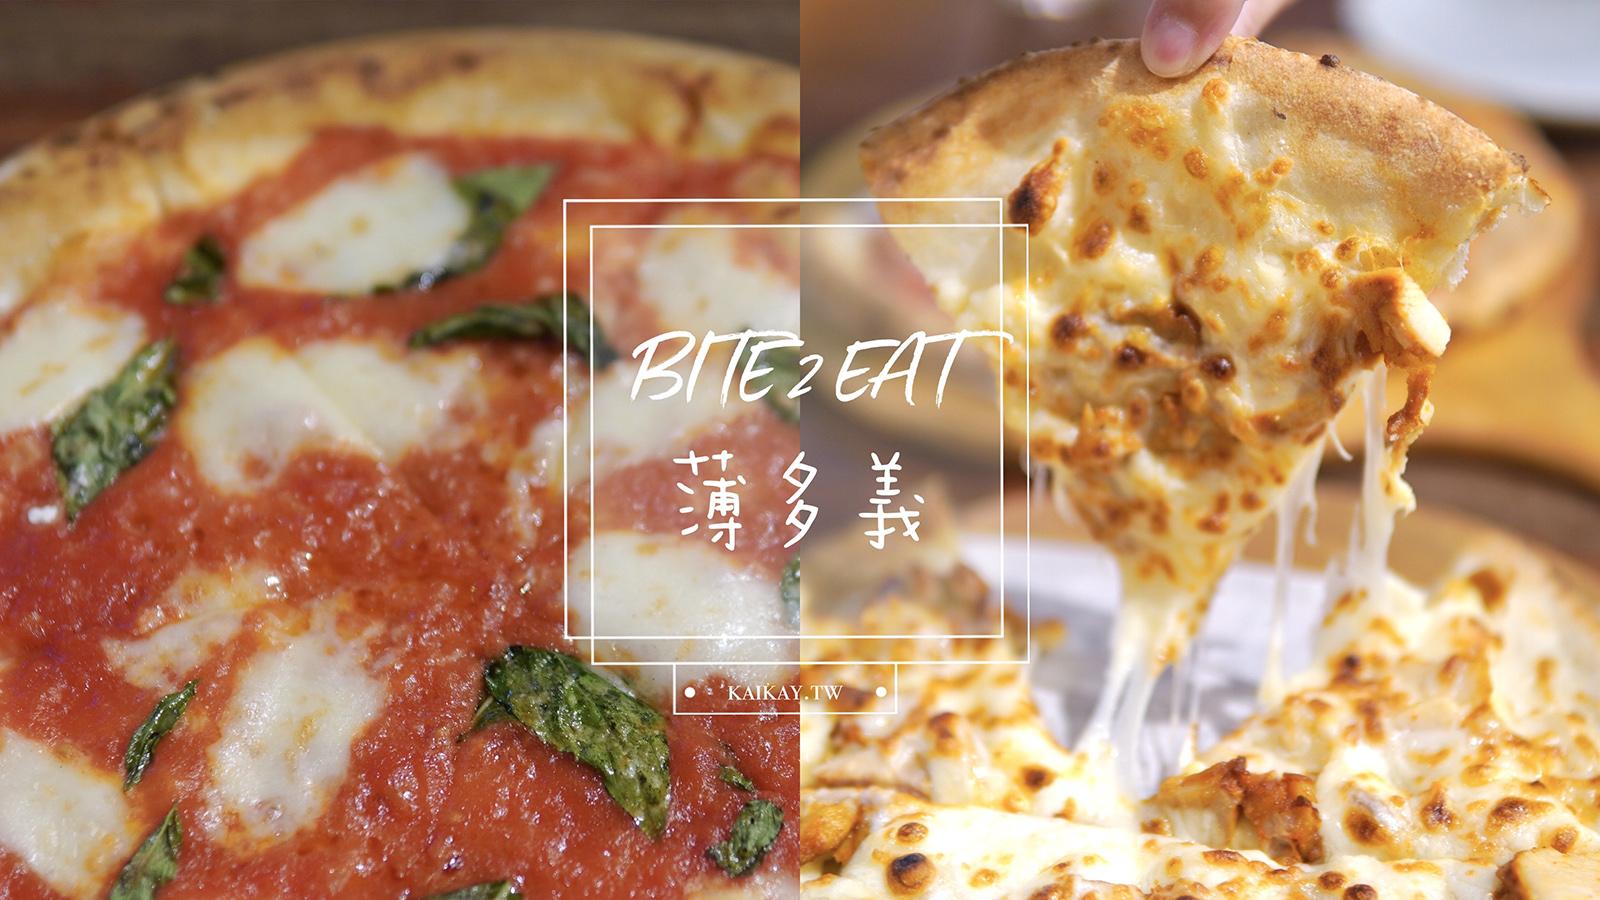 即時熱門文章:☆【台北|市政府站】N訪愛店!信義區必吃義式美食:薄多義『洋薯腿排披薩』vs 『瑪格麗特披薩』